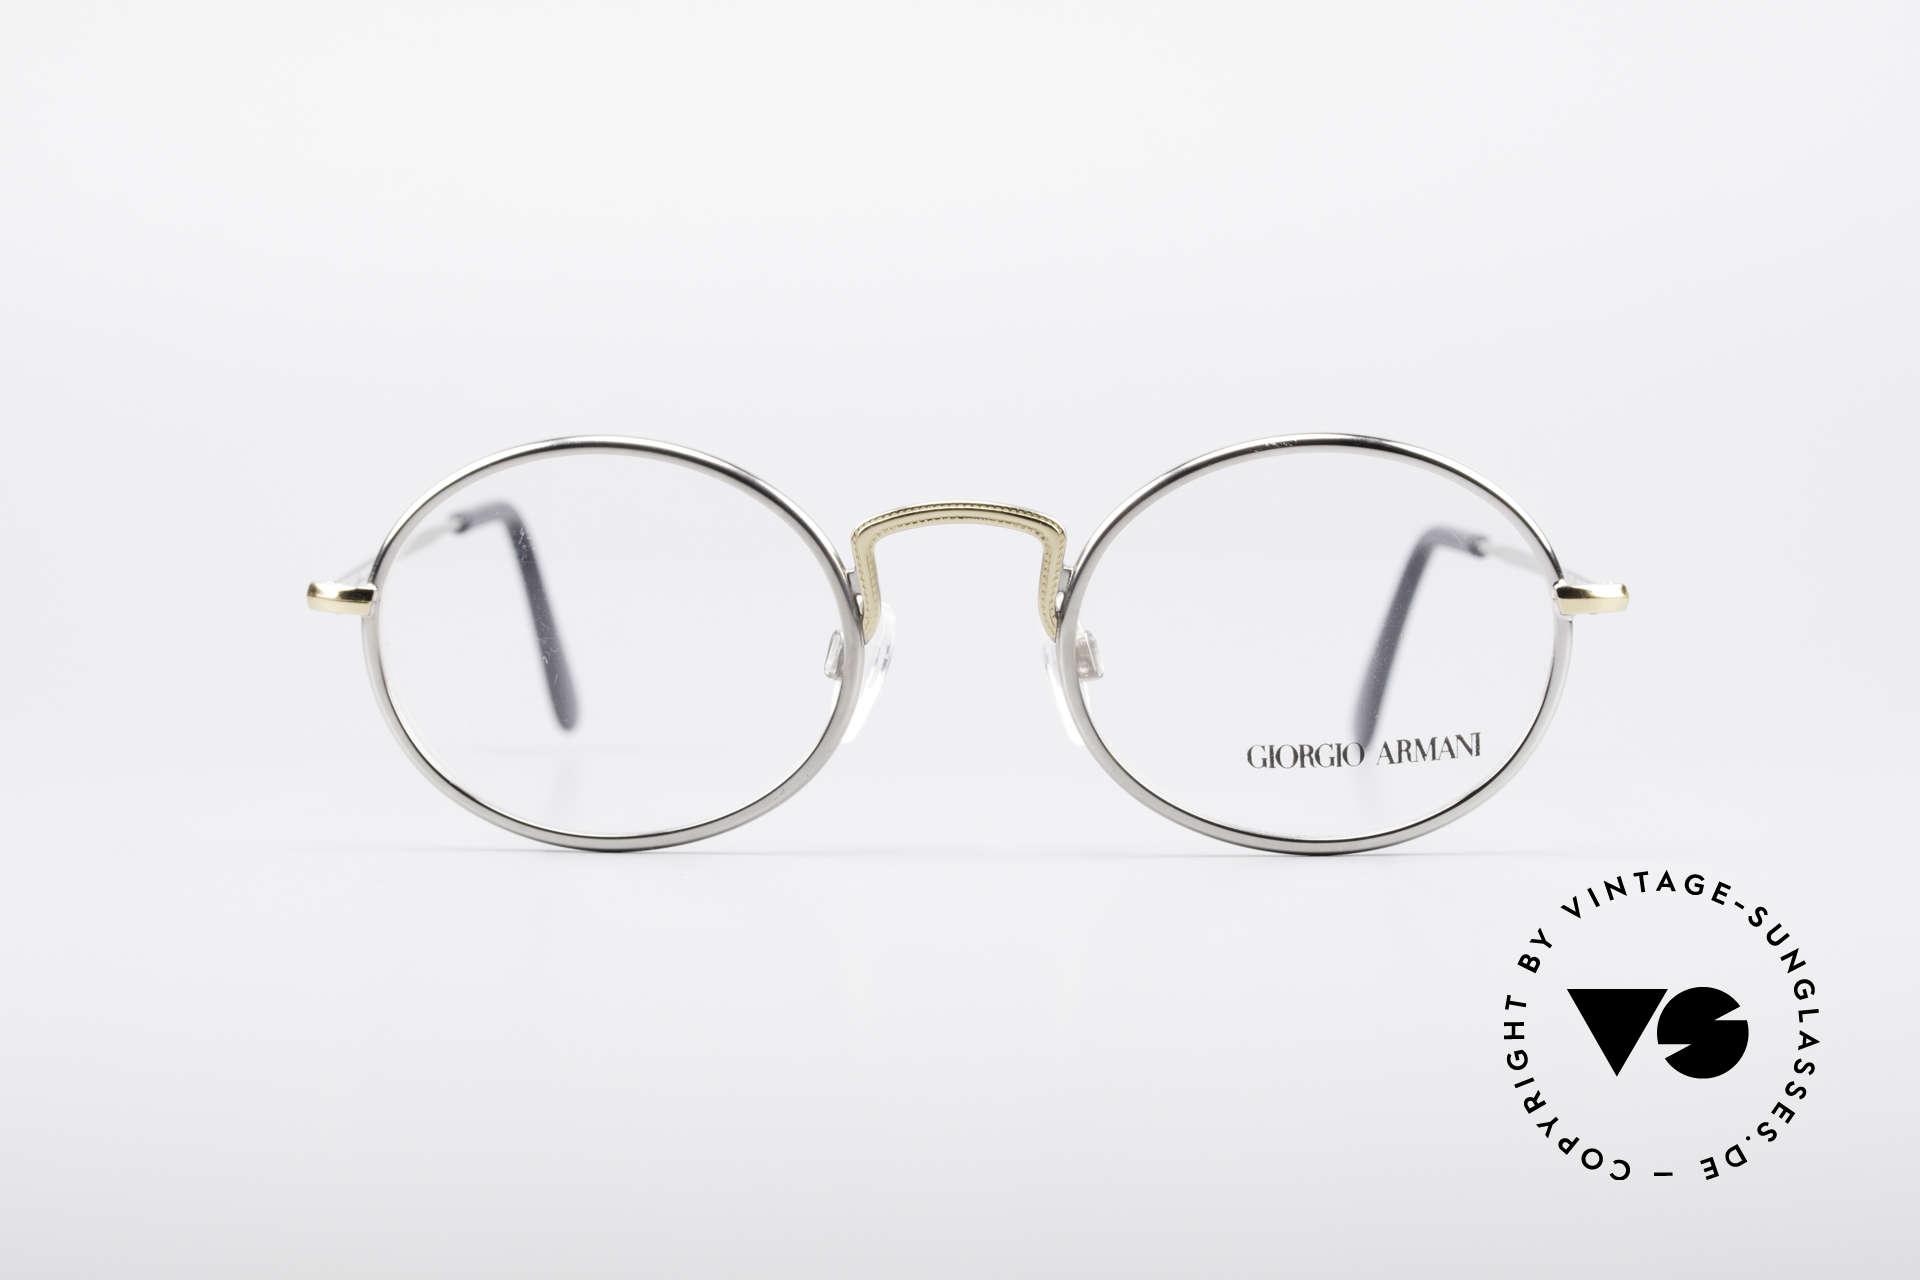 Brillen Giorgio Armani 156 Ovale Vintage Brille | Vintage Sunglasses